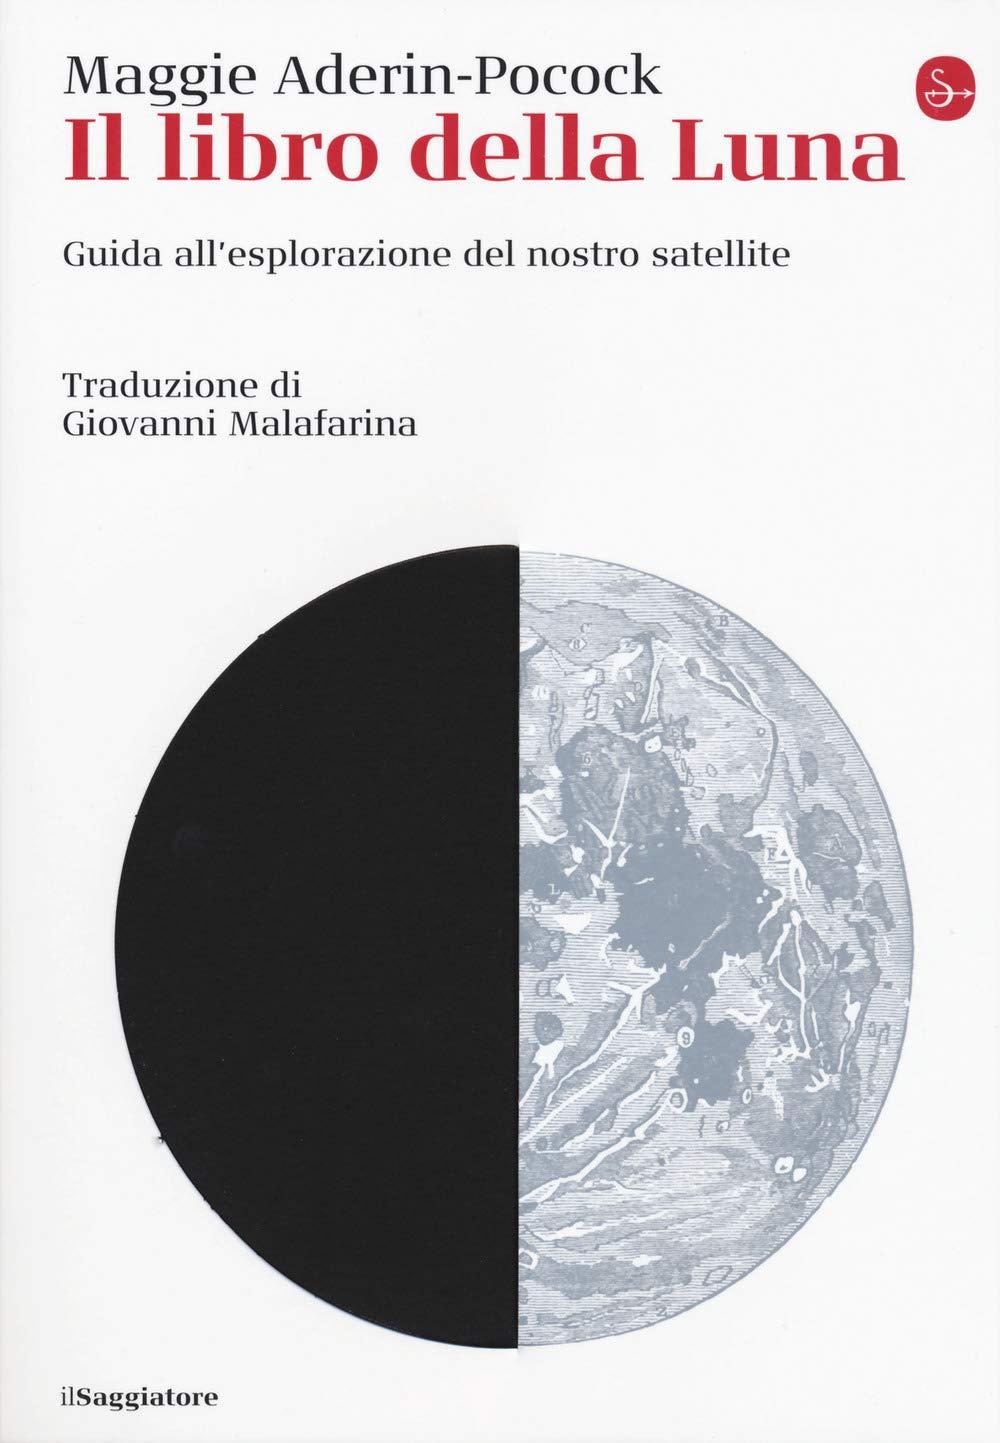 Il libro della Luna: Guida all'esplorazione del nostro satellite